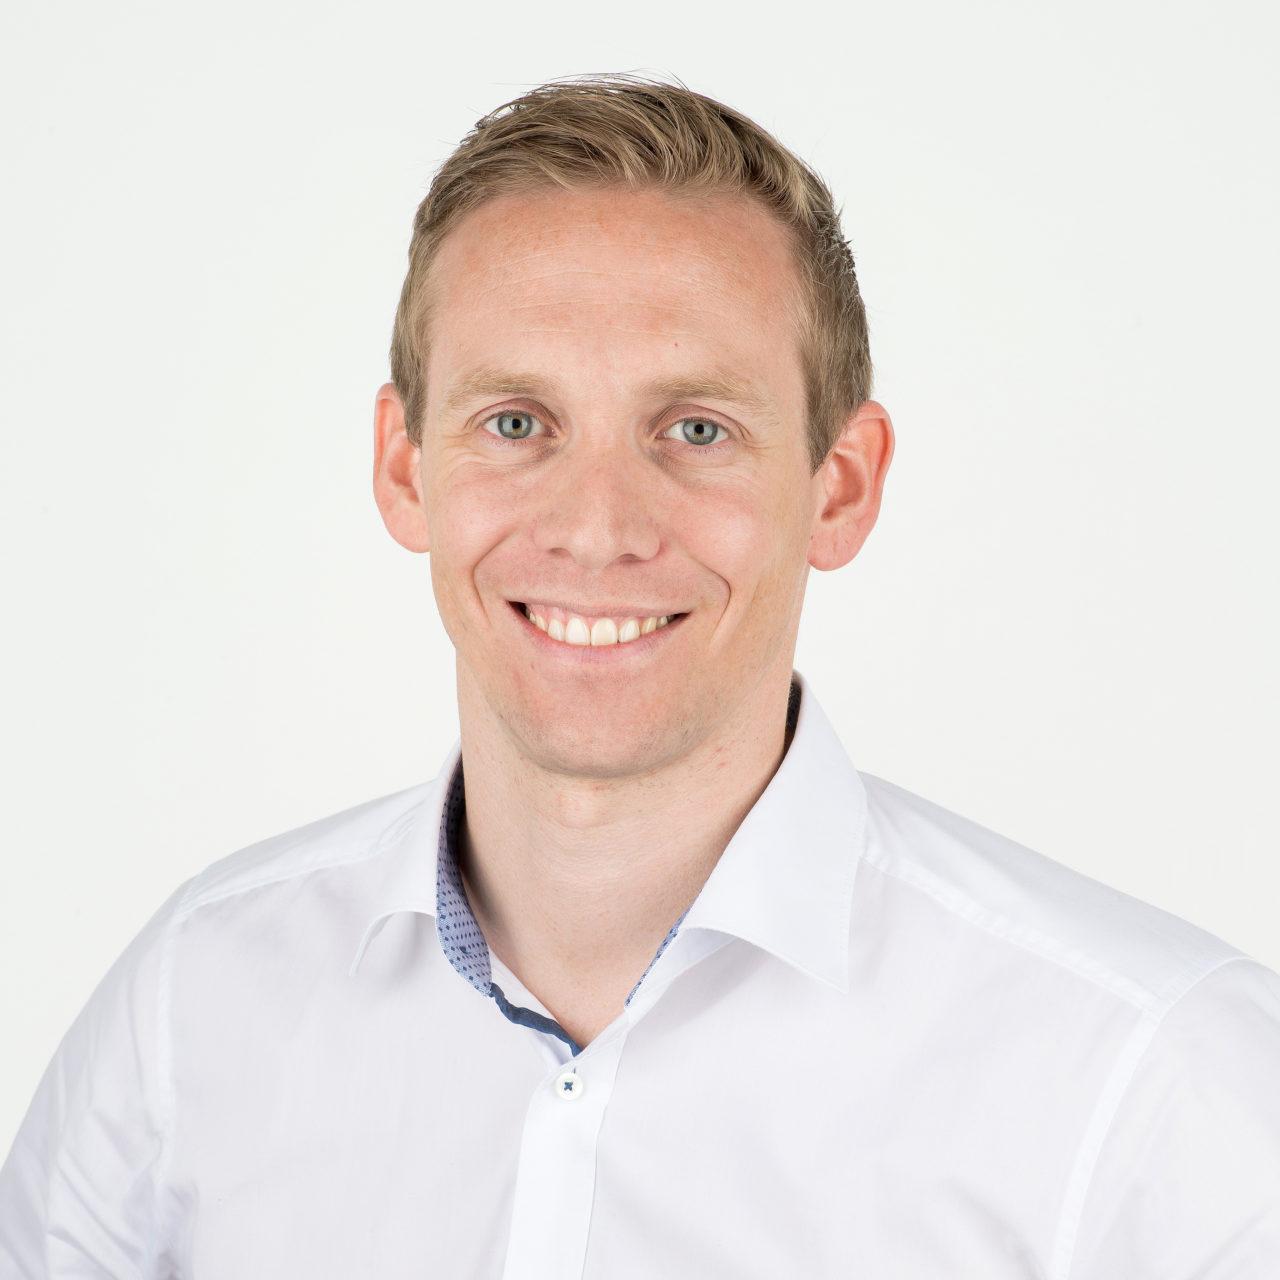 Dennis-Joesten-endeco-anlagenbau-engineering